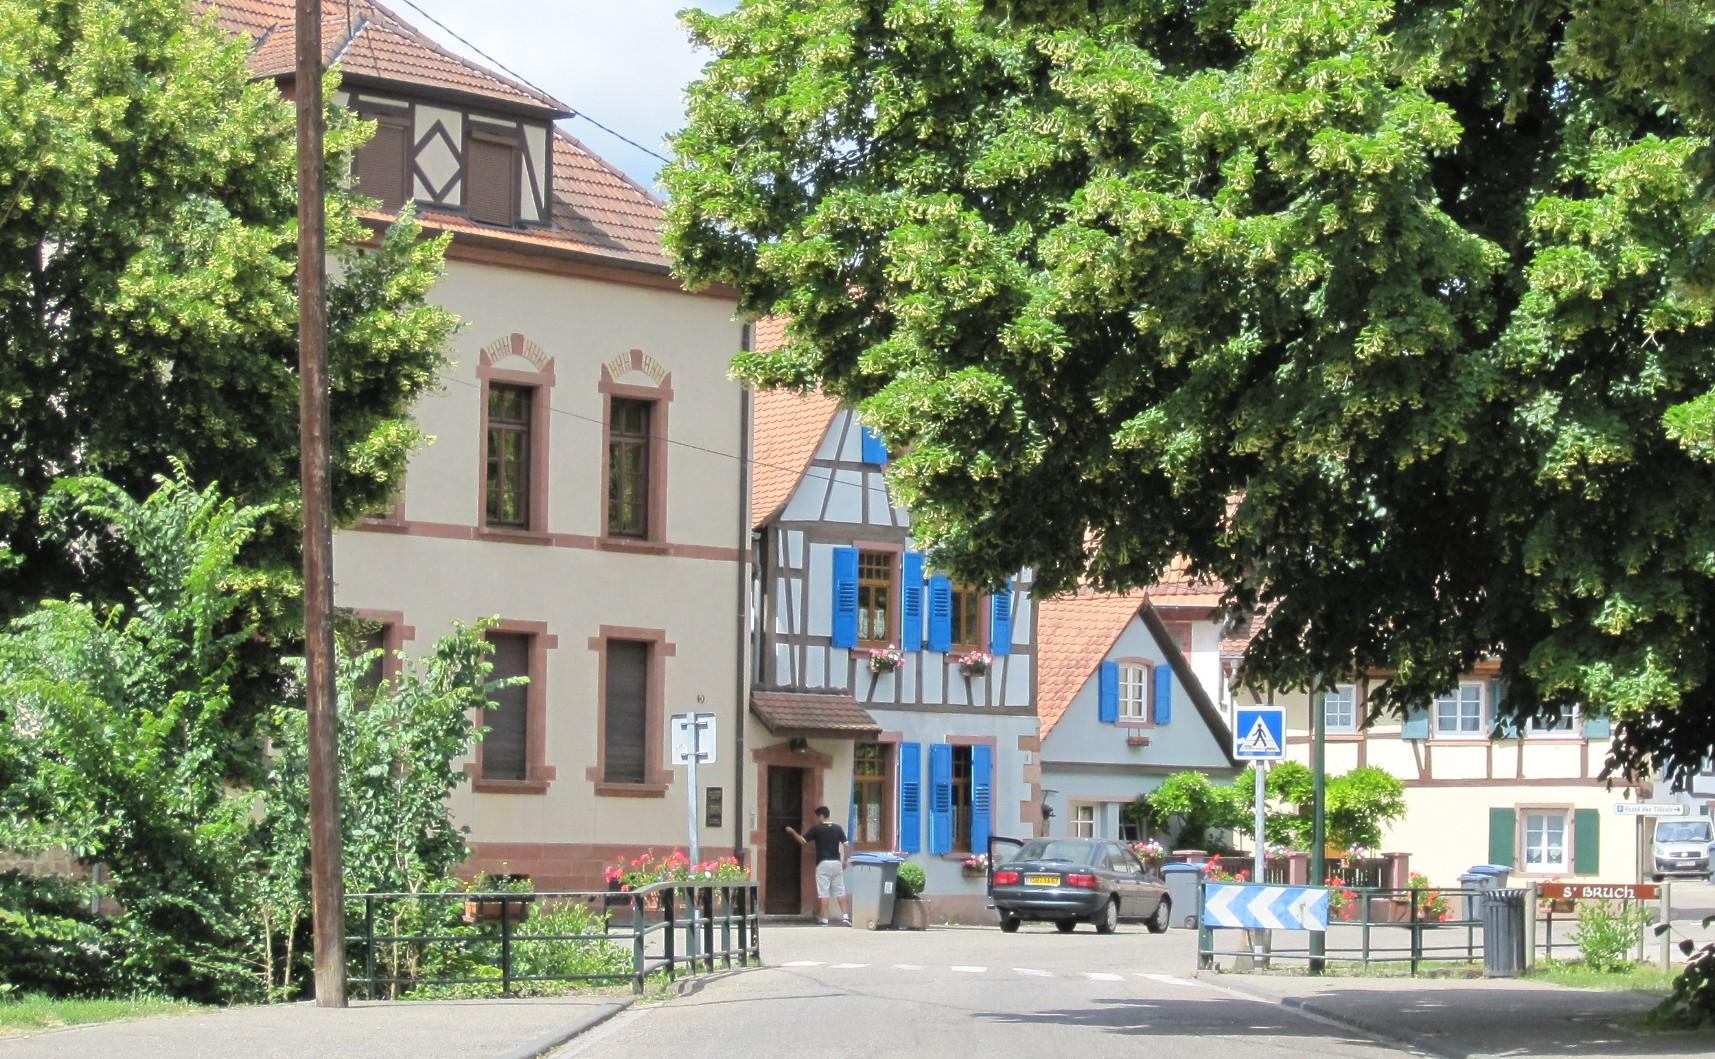 Elsass - blaue Tonne in Grün